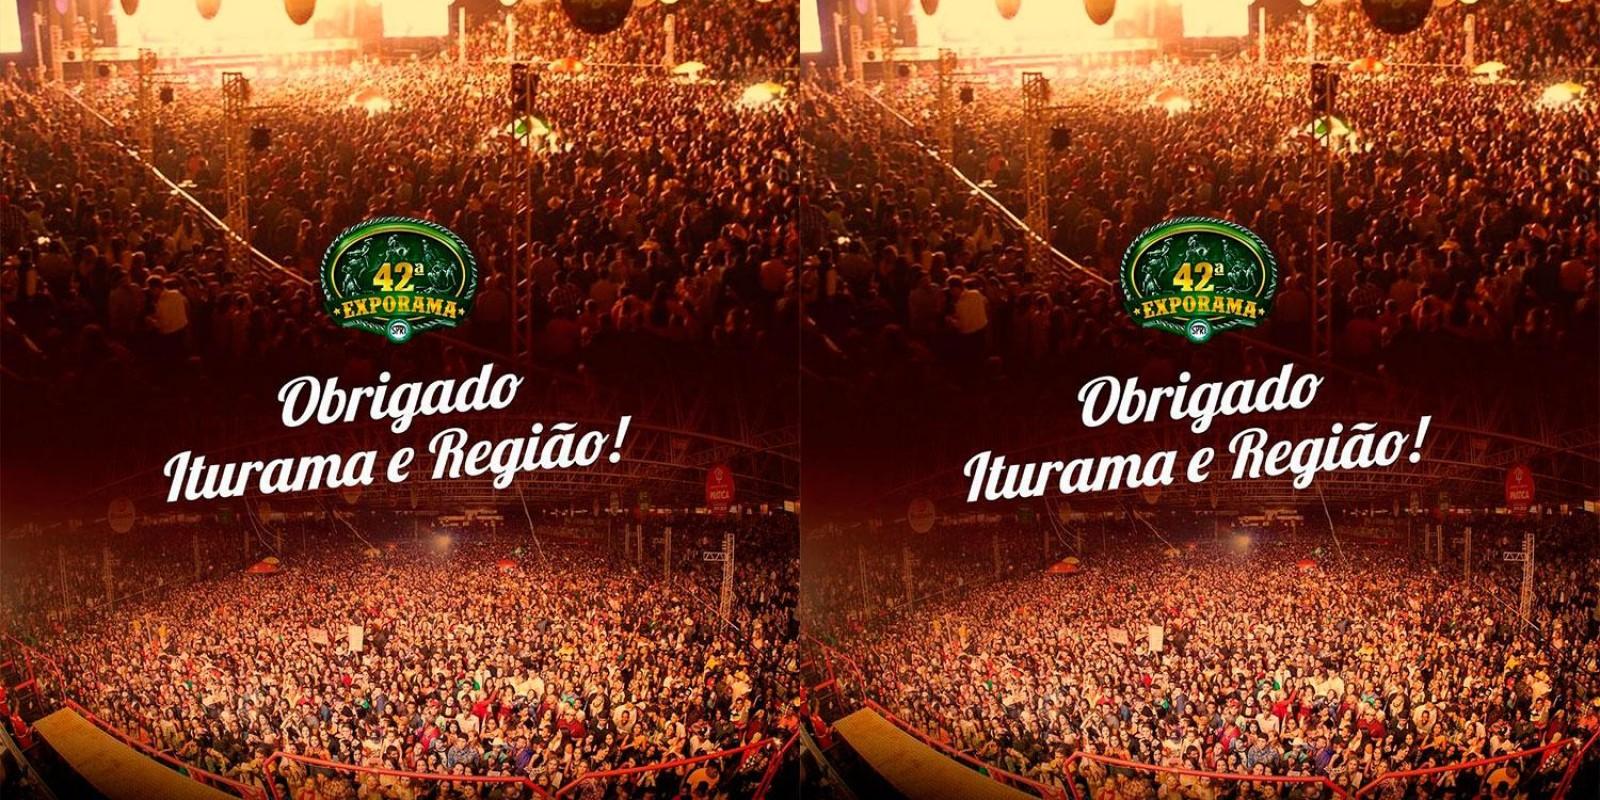 EXPORAMA - OBRIGADOOO Iturama e Região, só temos que agradecer!